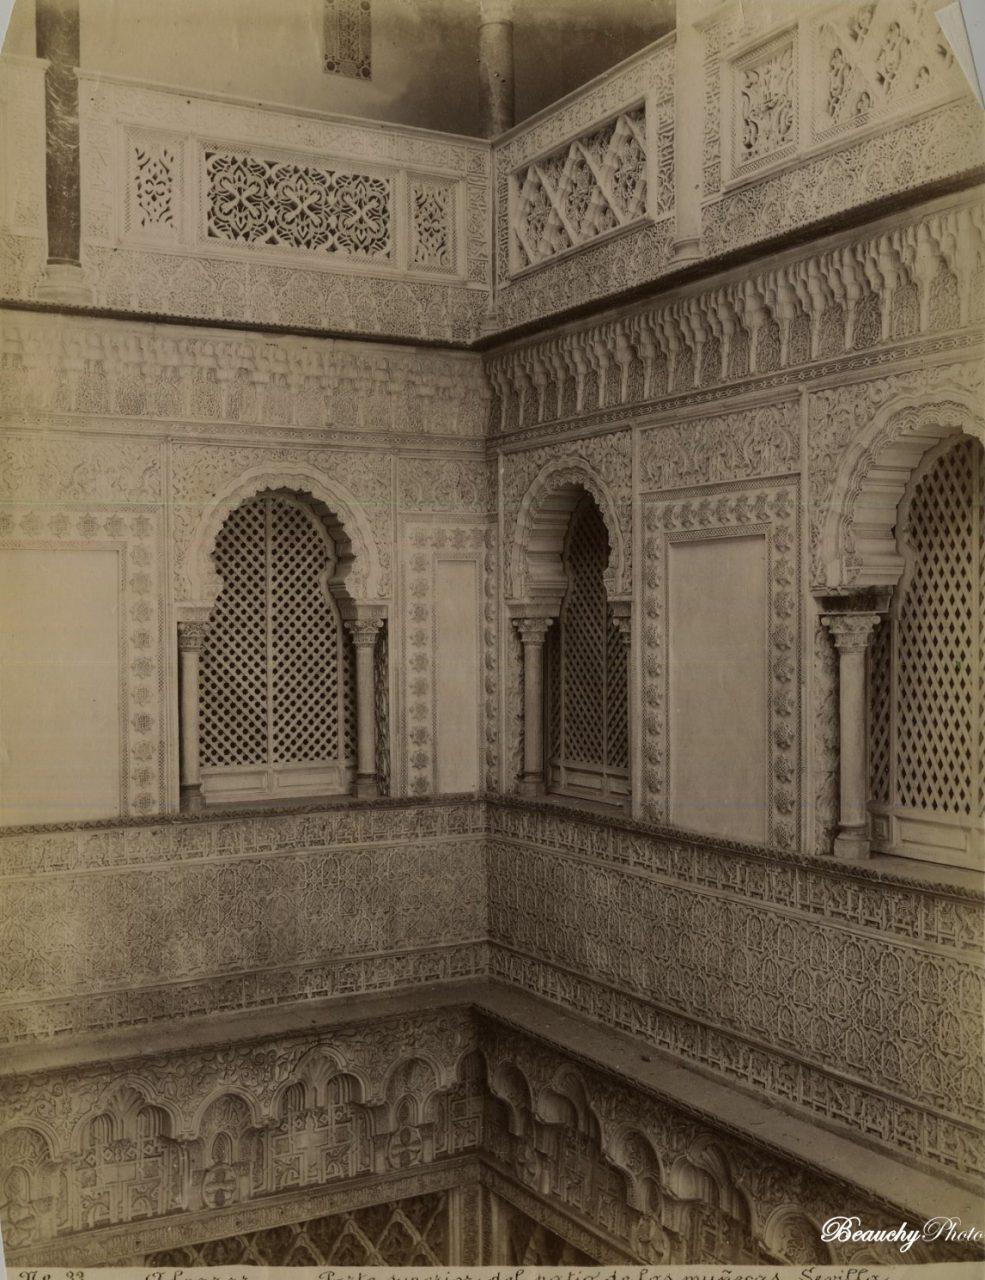 Beauchyphoto_Alcázar_de_Sevilla_Parte_superior_del_Patio_de_las_Muñecas_Emilio_Beauchy_Cano_fotografias_antiguas_postales_vistas_y_monumentos